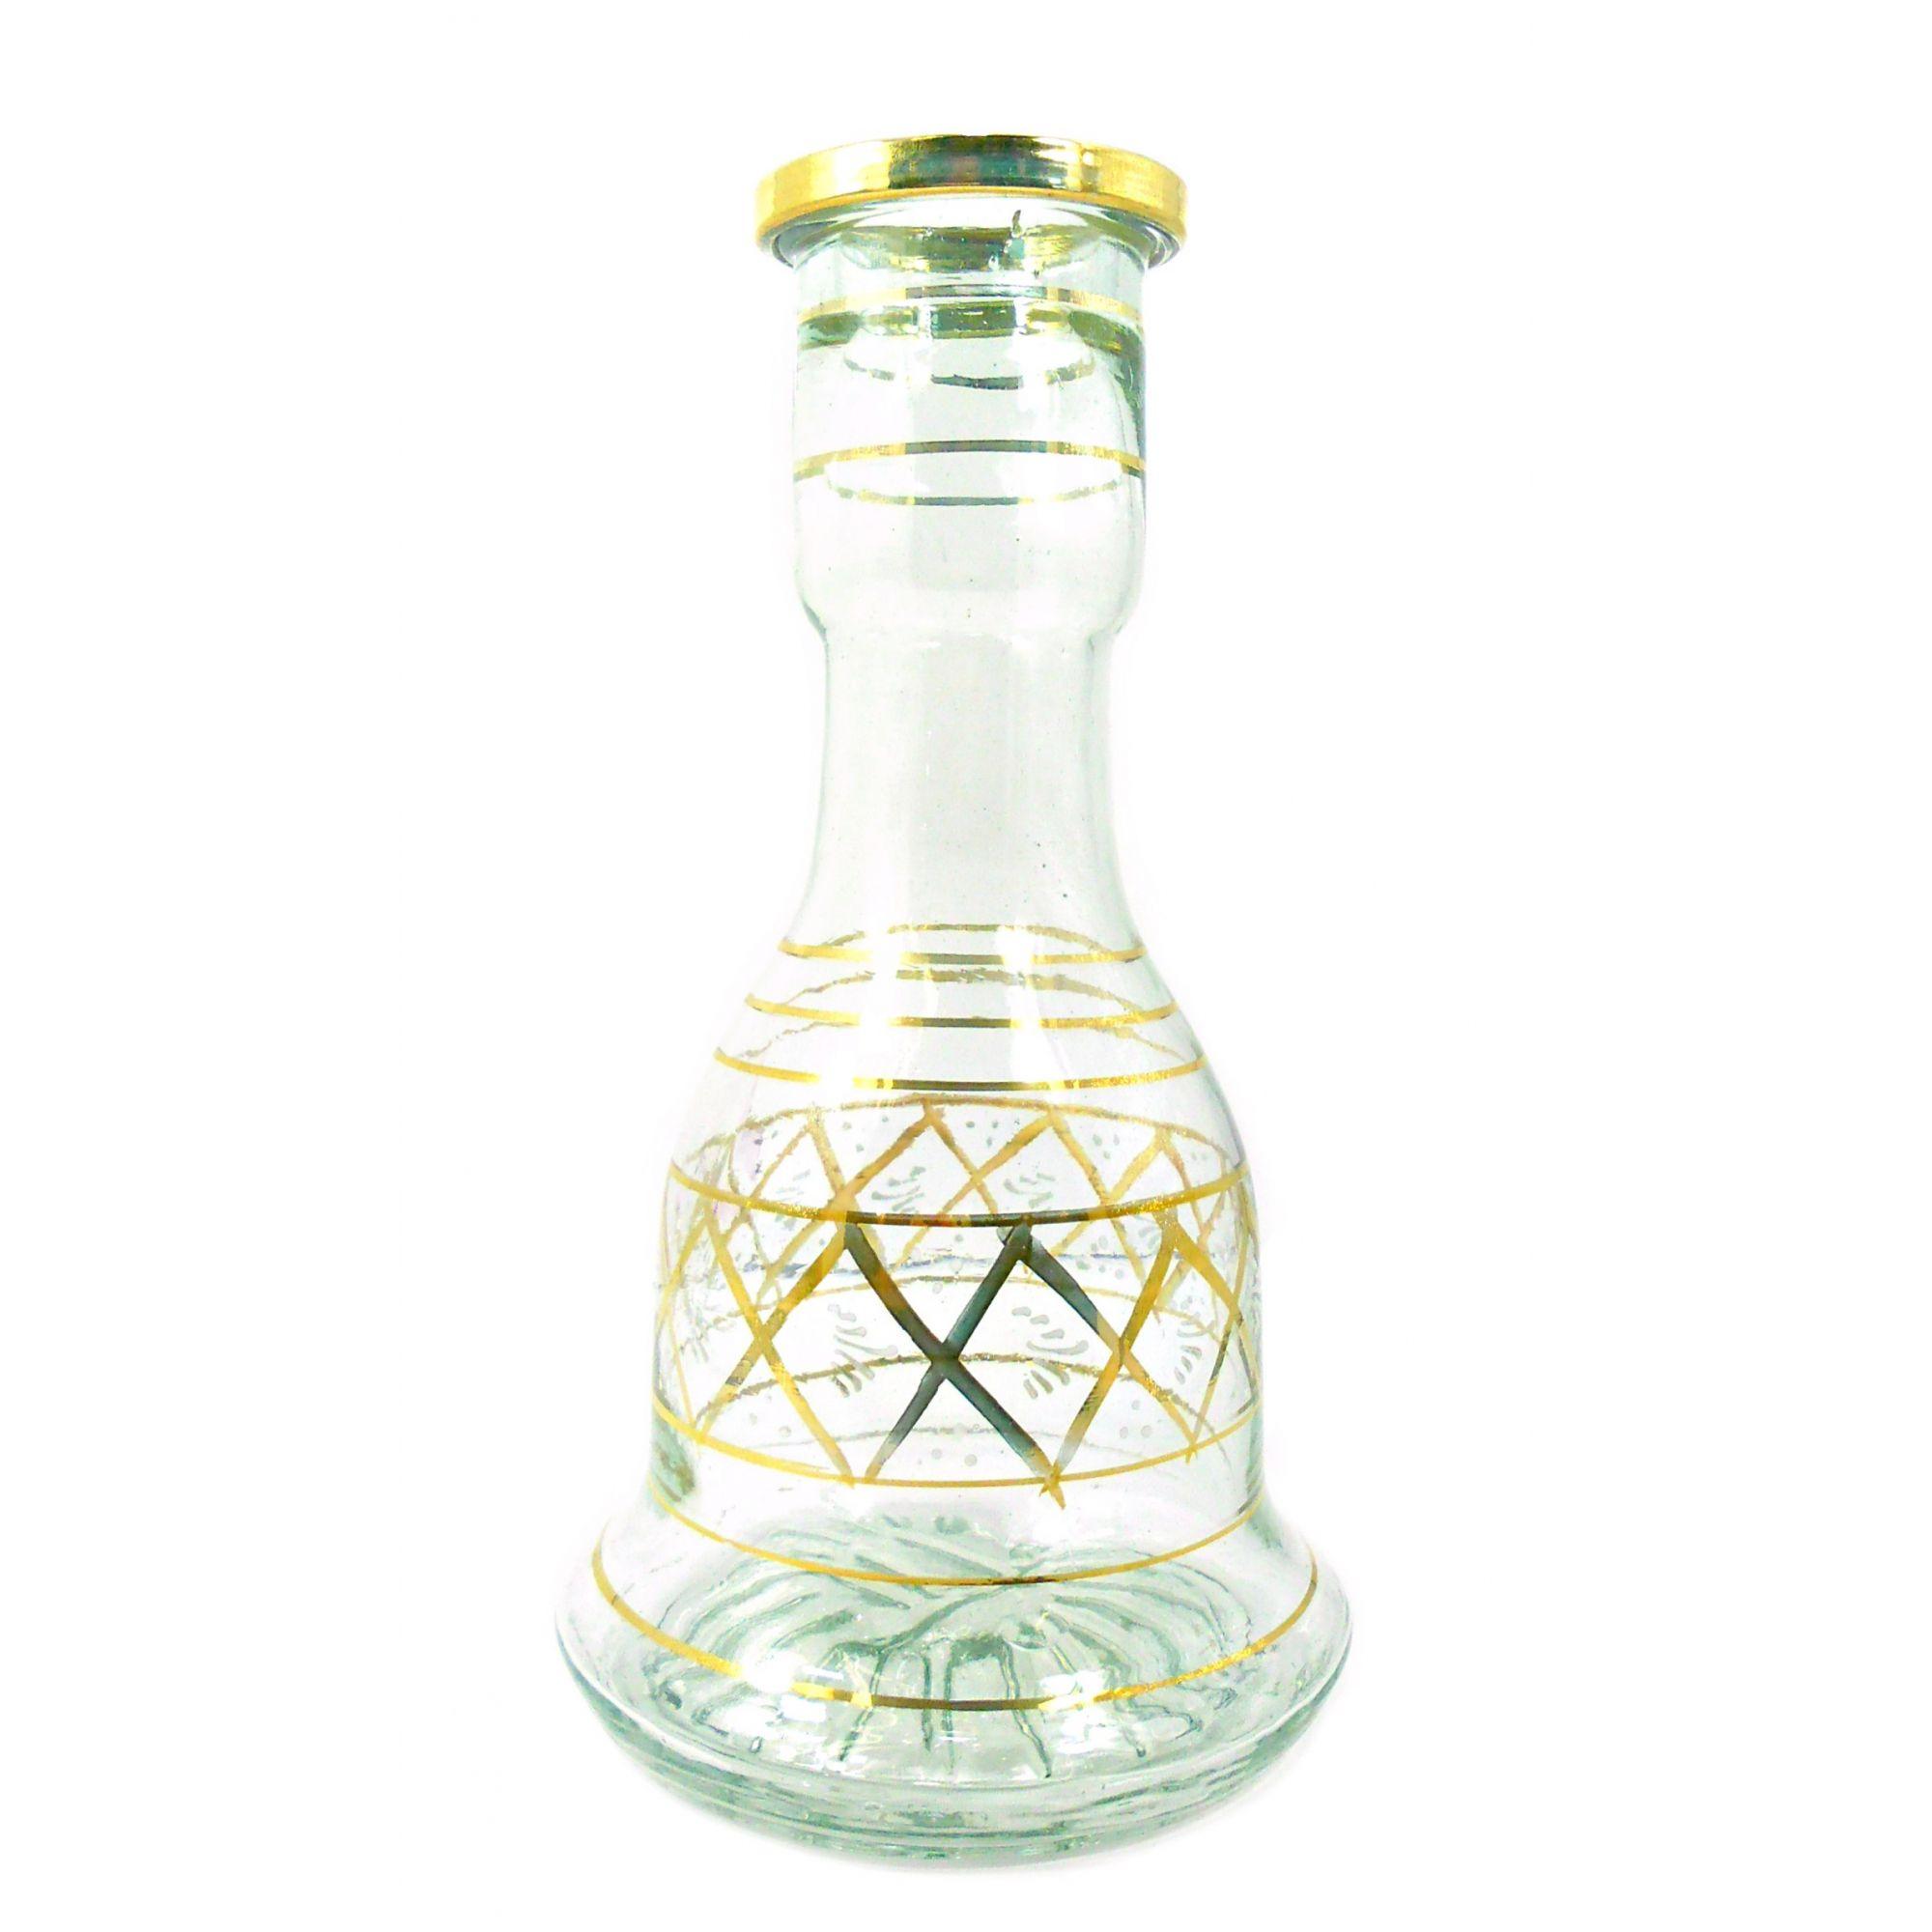 Vaso/base para narguile SINO GRANDE 29cm Egípcio, vidro transparente DECORAÇÃO DOURADA. 4,7cm diâmetro int. bocal. V22